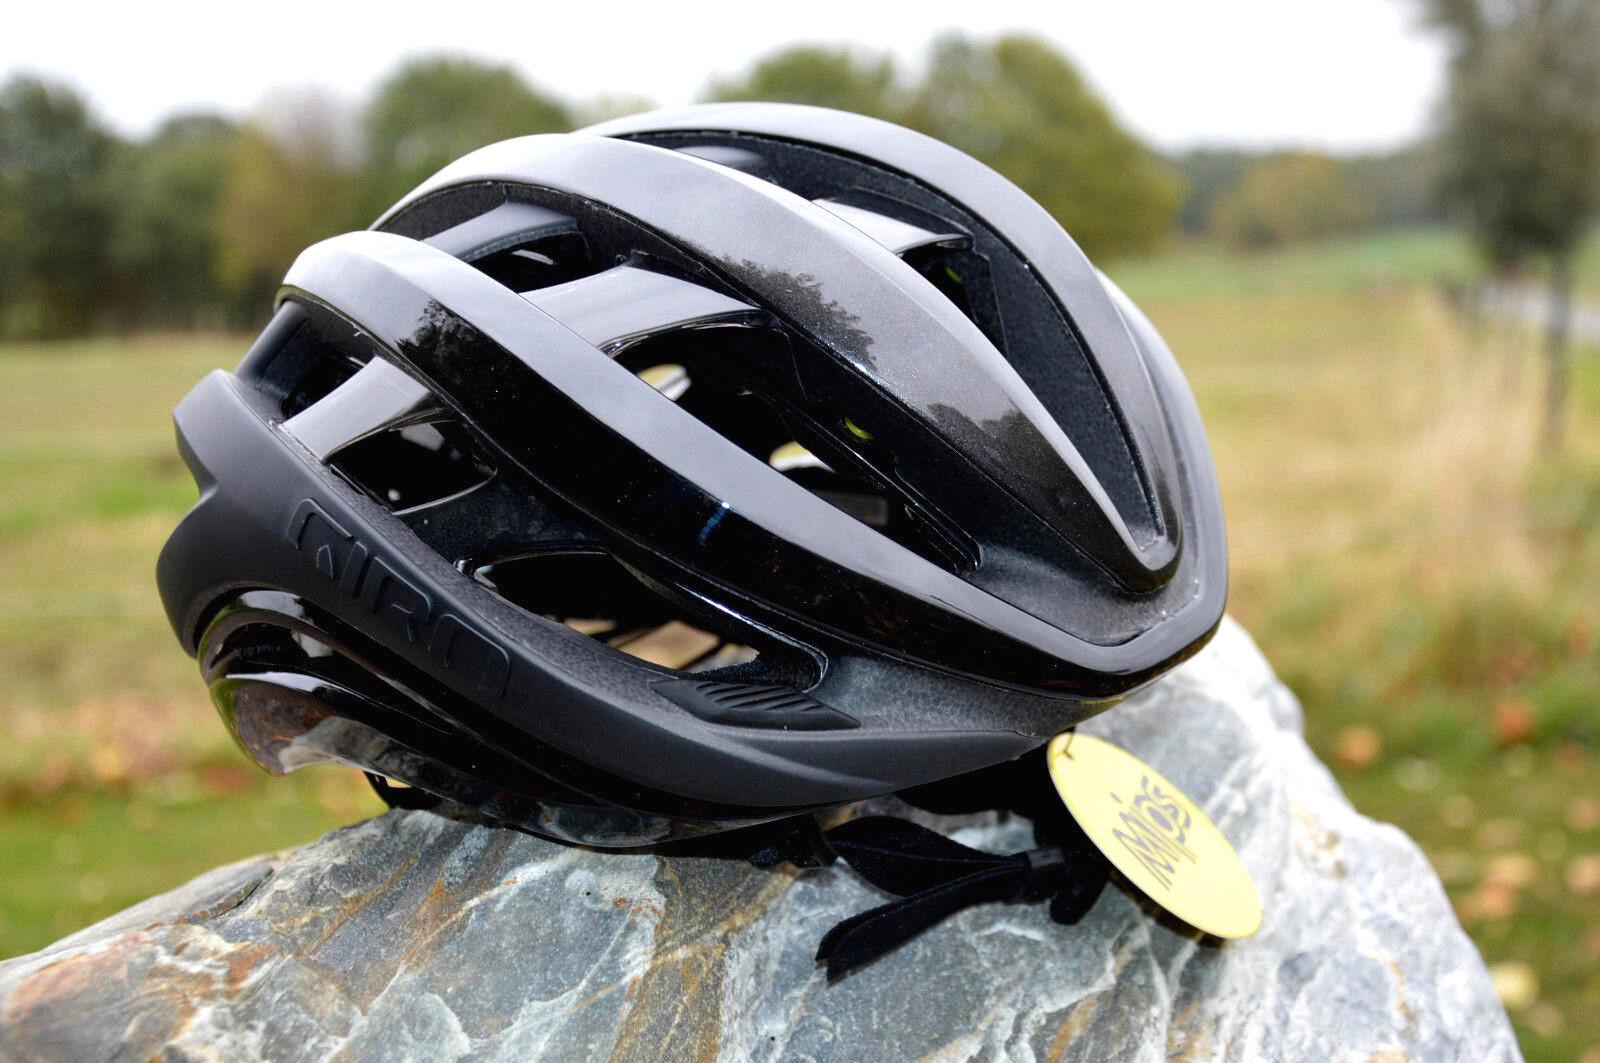 Giro Aether Mips Vélo Léger Vélo de de de Course Casque Bonne Aération Noir Mat 103977